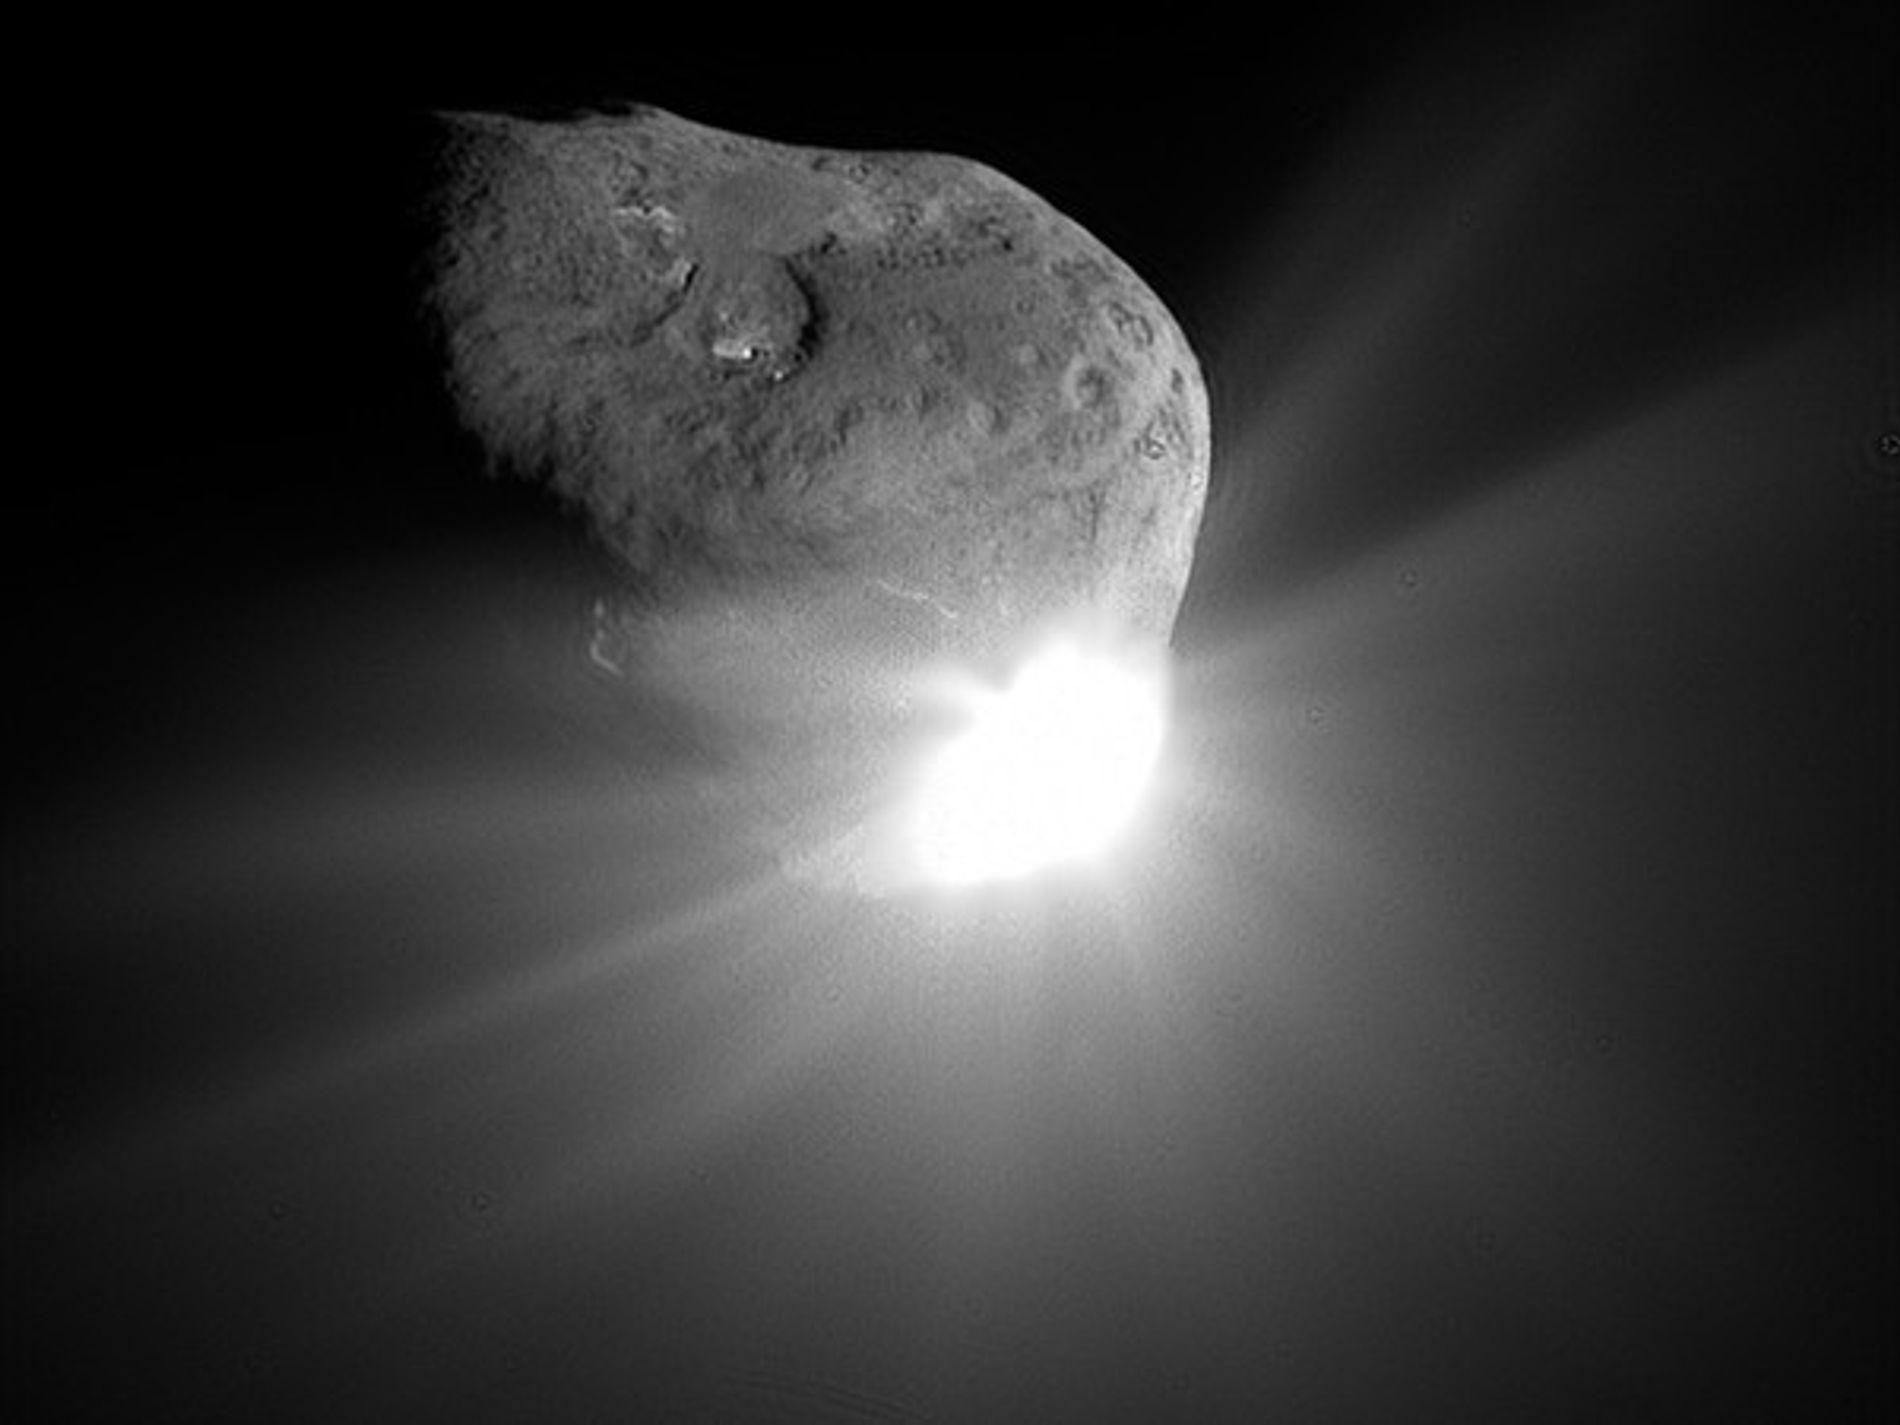 La sonda de la NASA tuvo una cita con un cometa el día de San Valentín